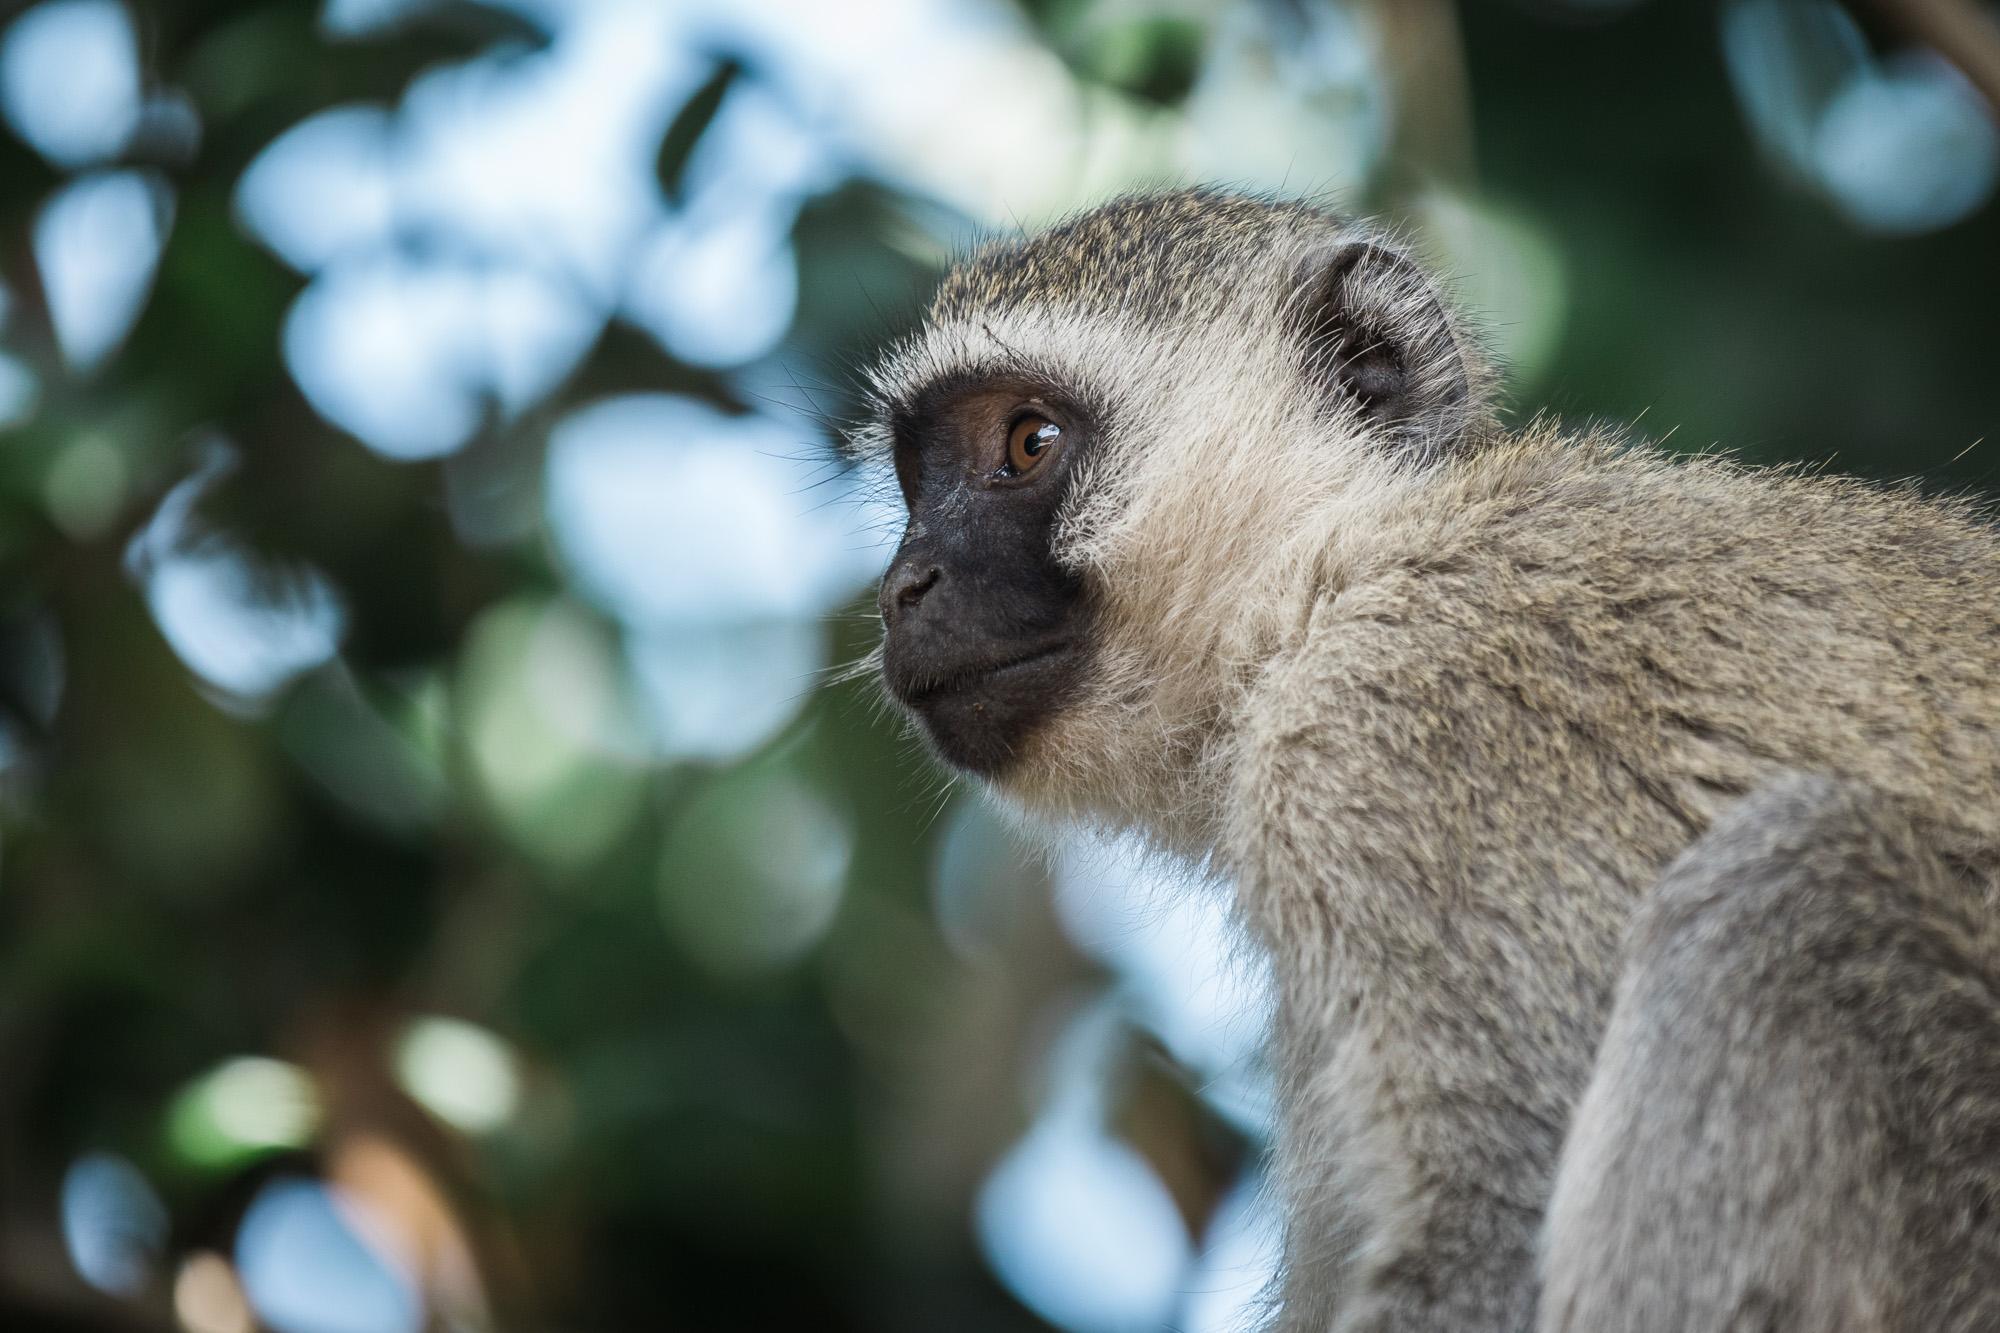 Backyard_Monkeys-48.jpg